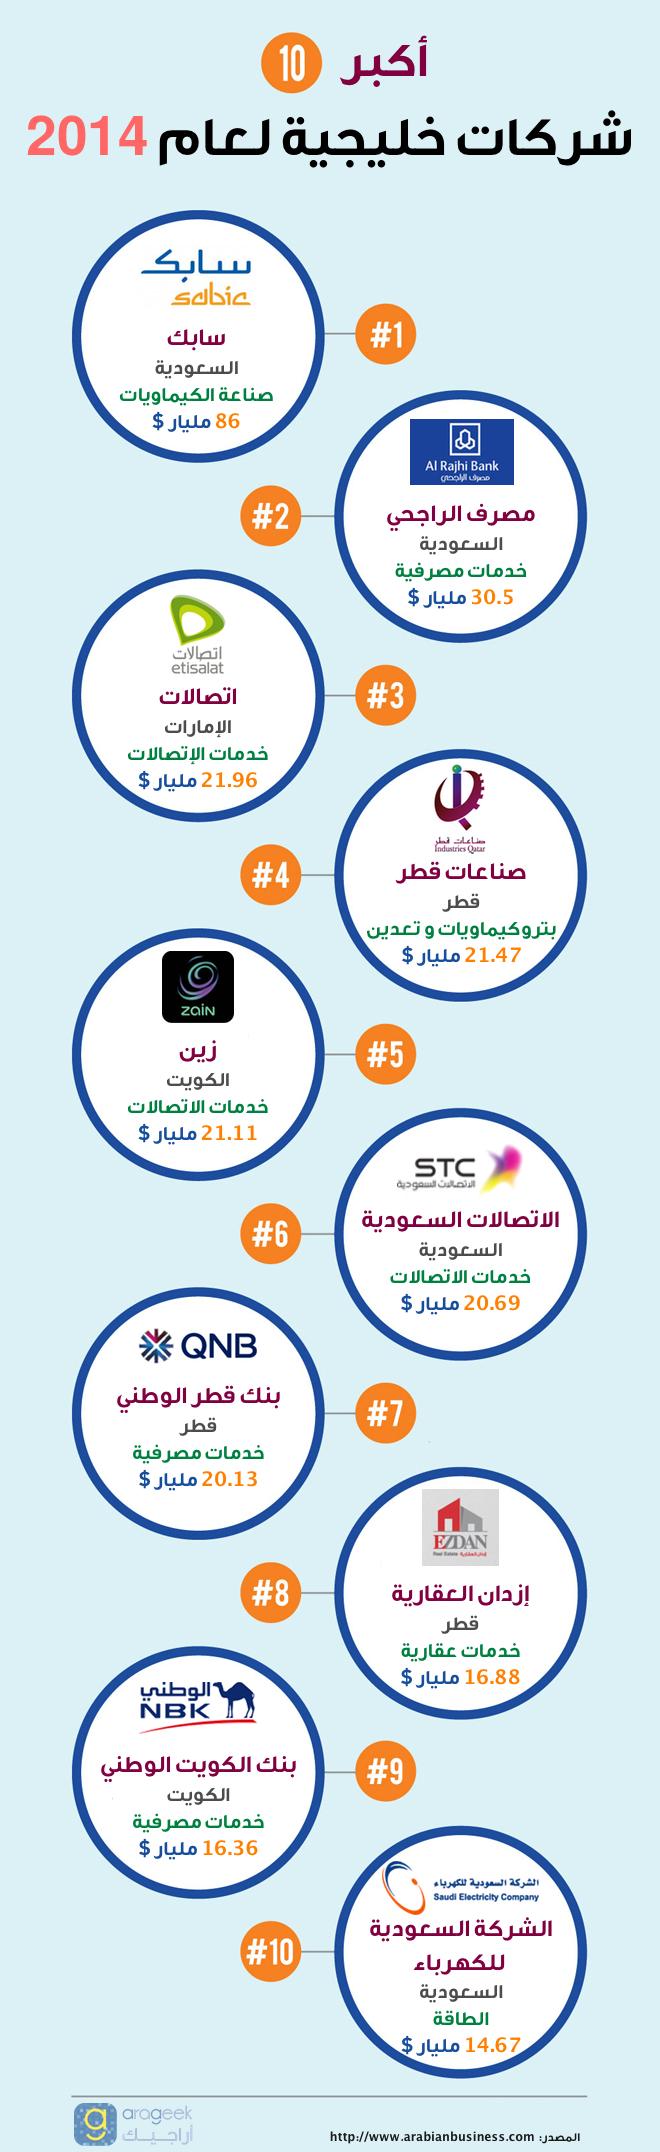 أكبر 10 شركات خليجية لعام 2014 #انفوجرافيك